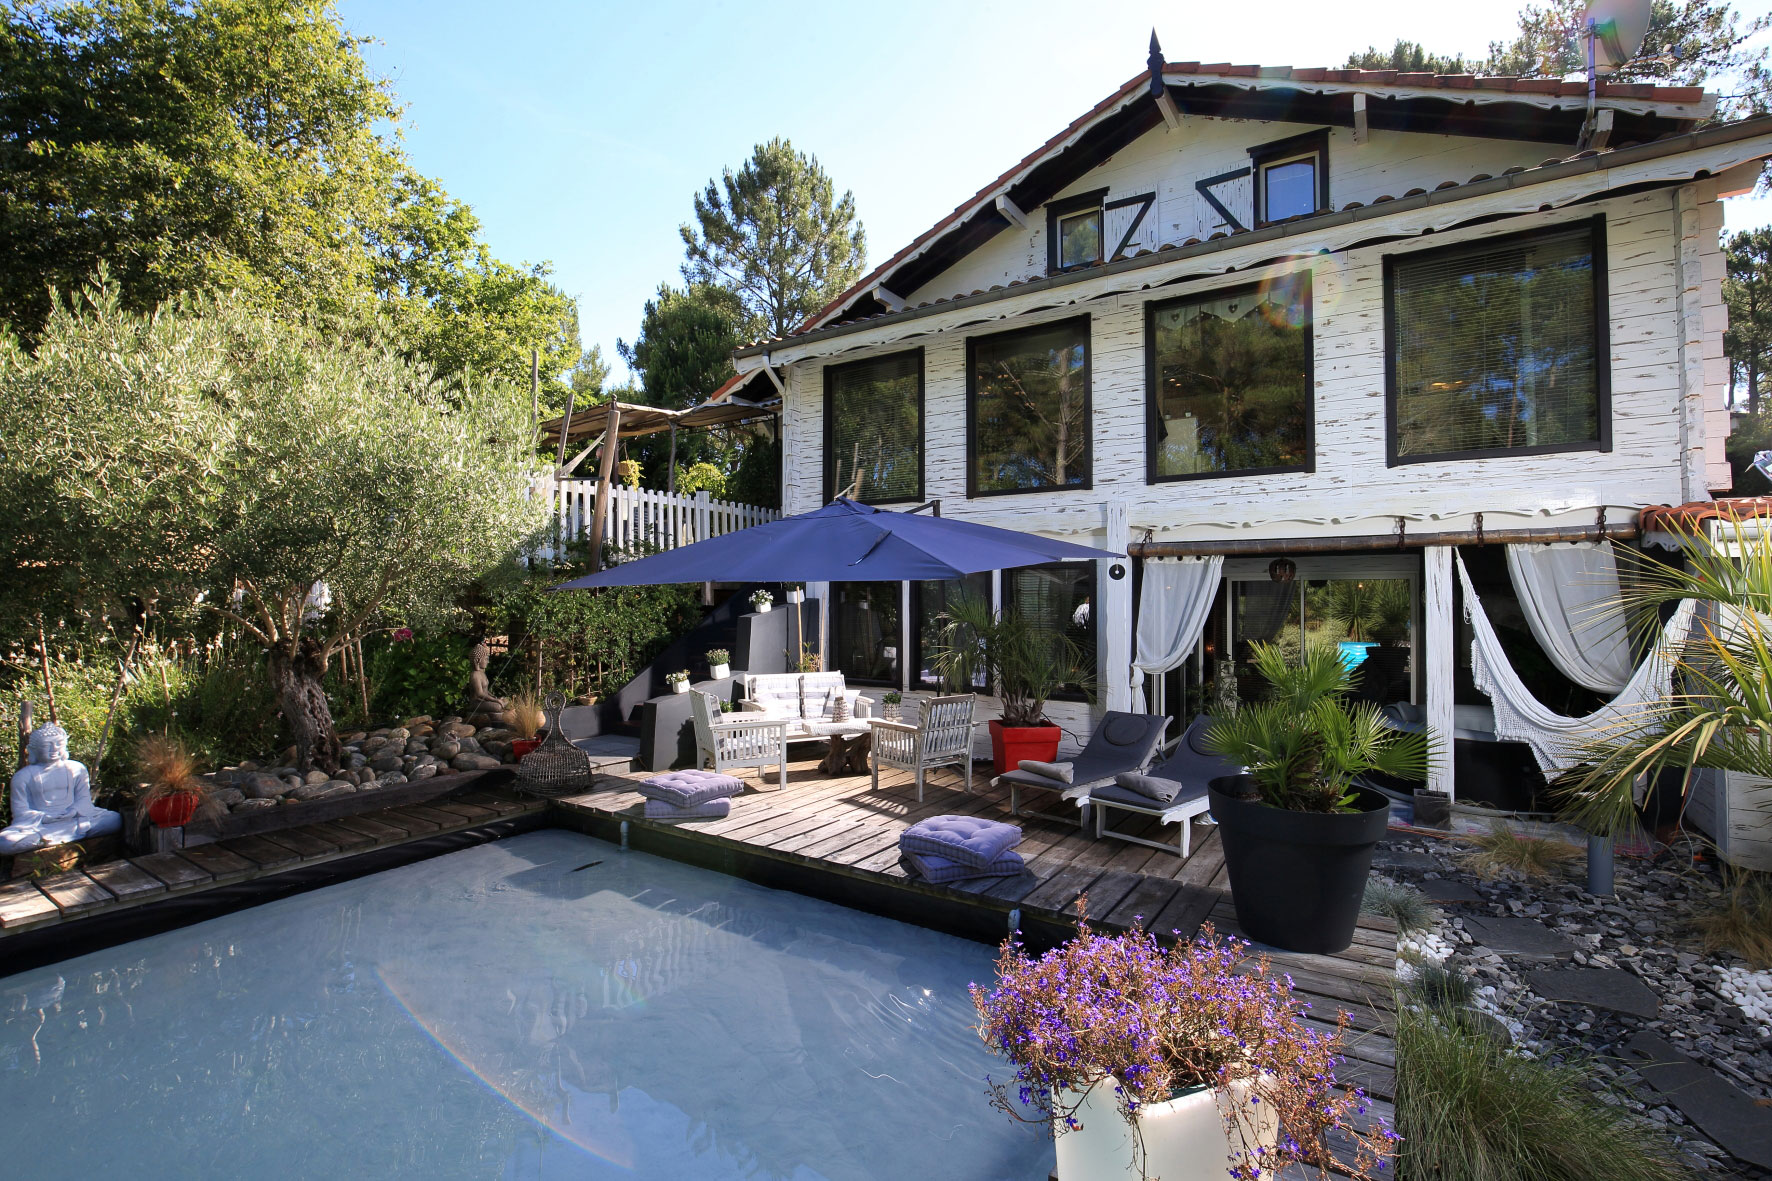 vente maison villa landes biscarosse quartier haute rives avec piscine et proche lac. Black Bedroom Furniture Sets. Home Design Ideas